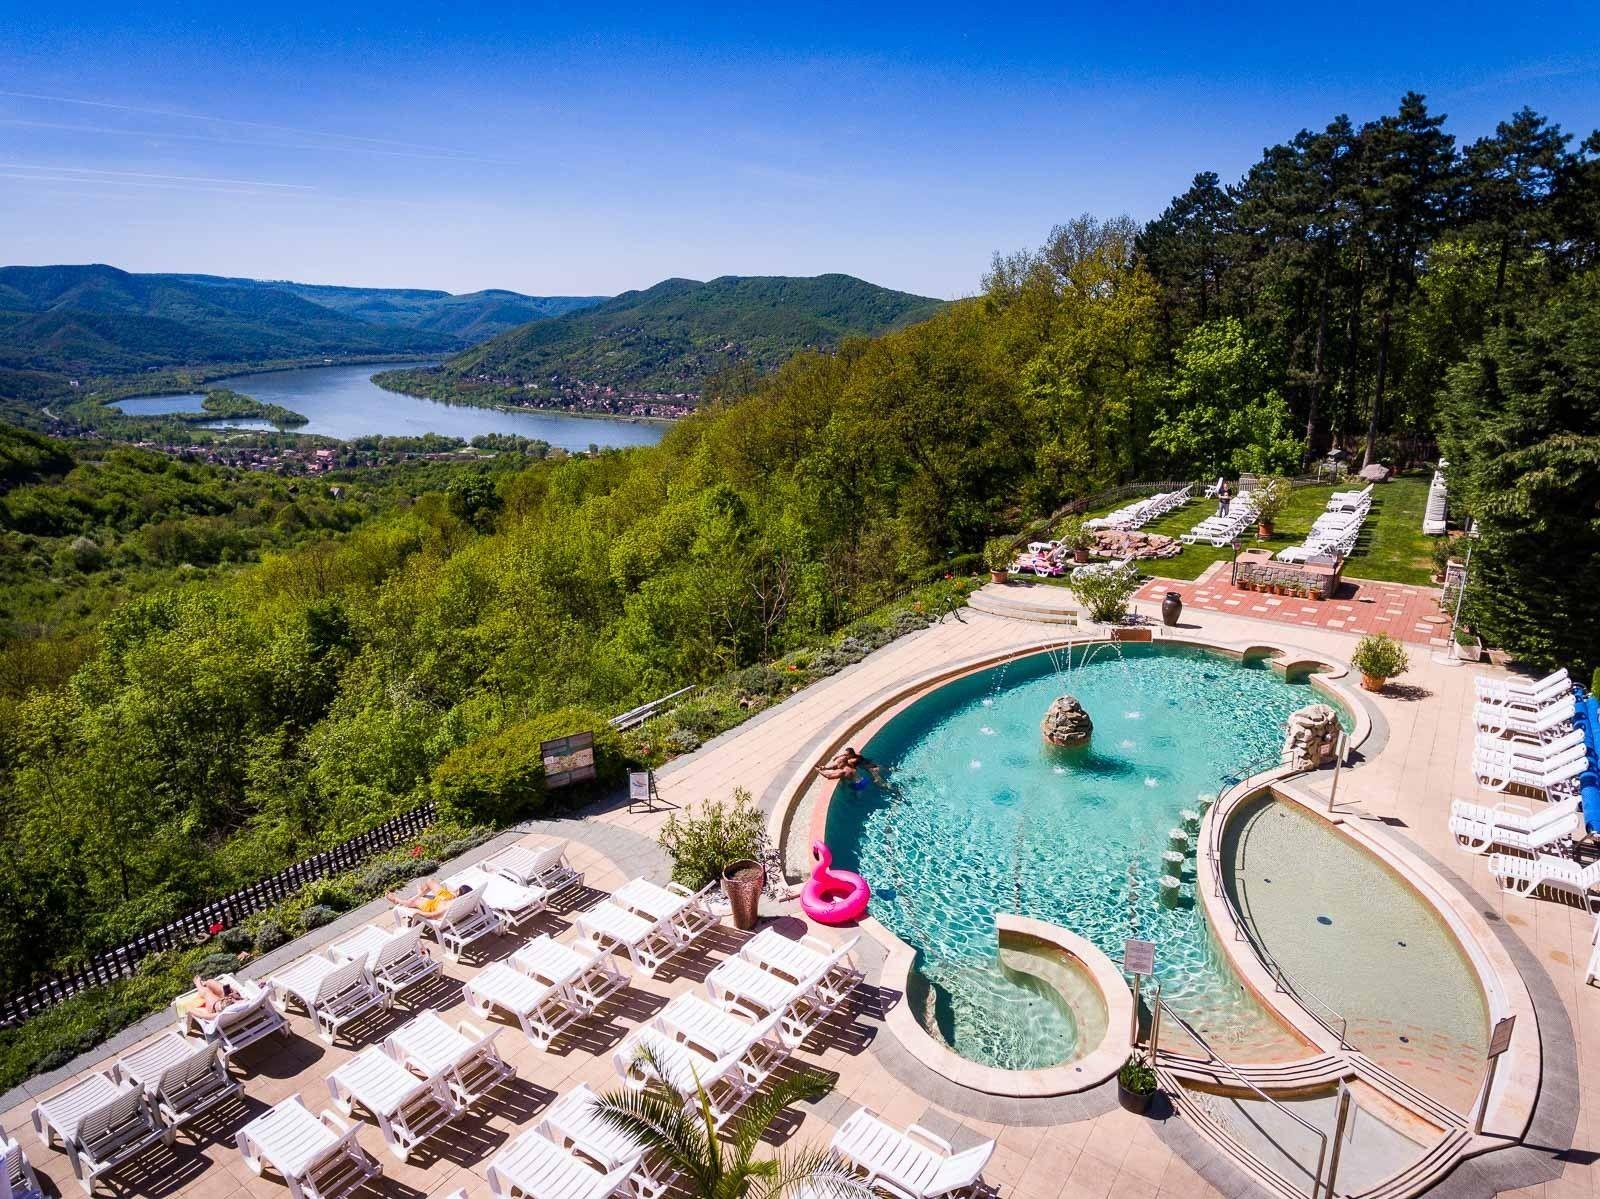 Őszi wellness kalandok: szállodák gyönyörű környezetben